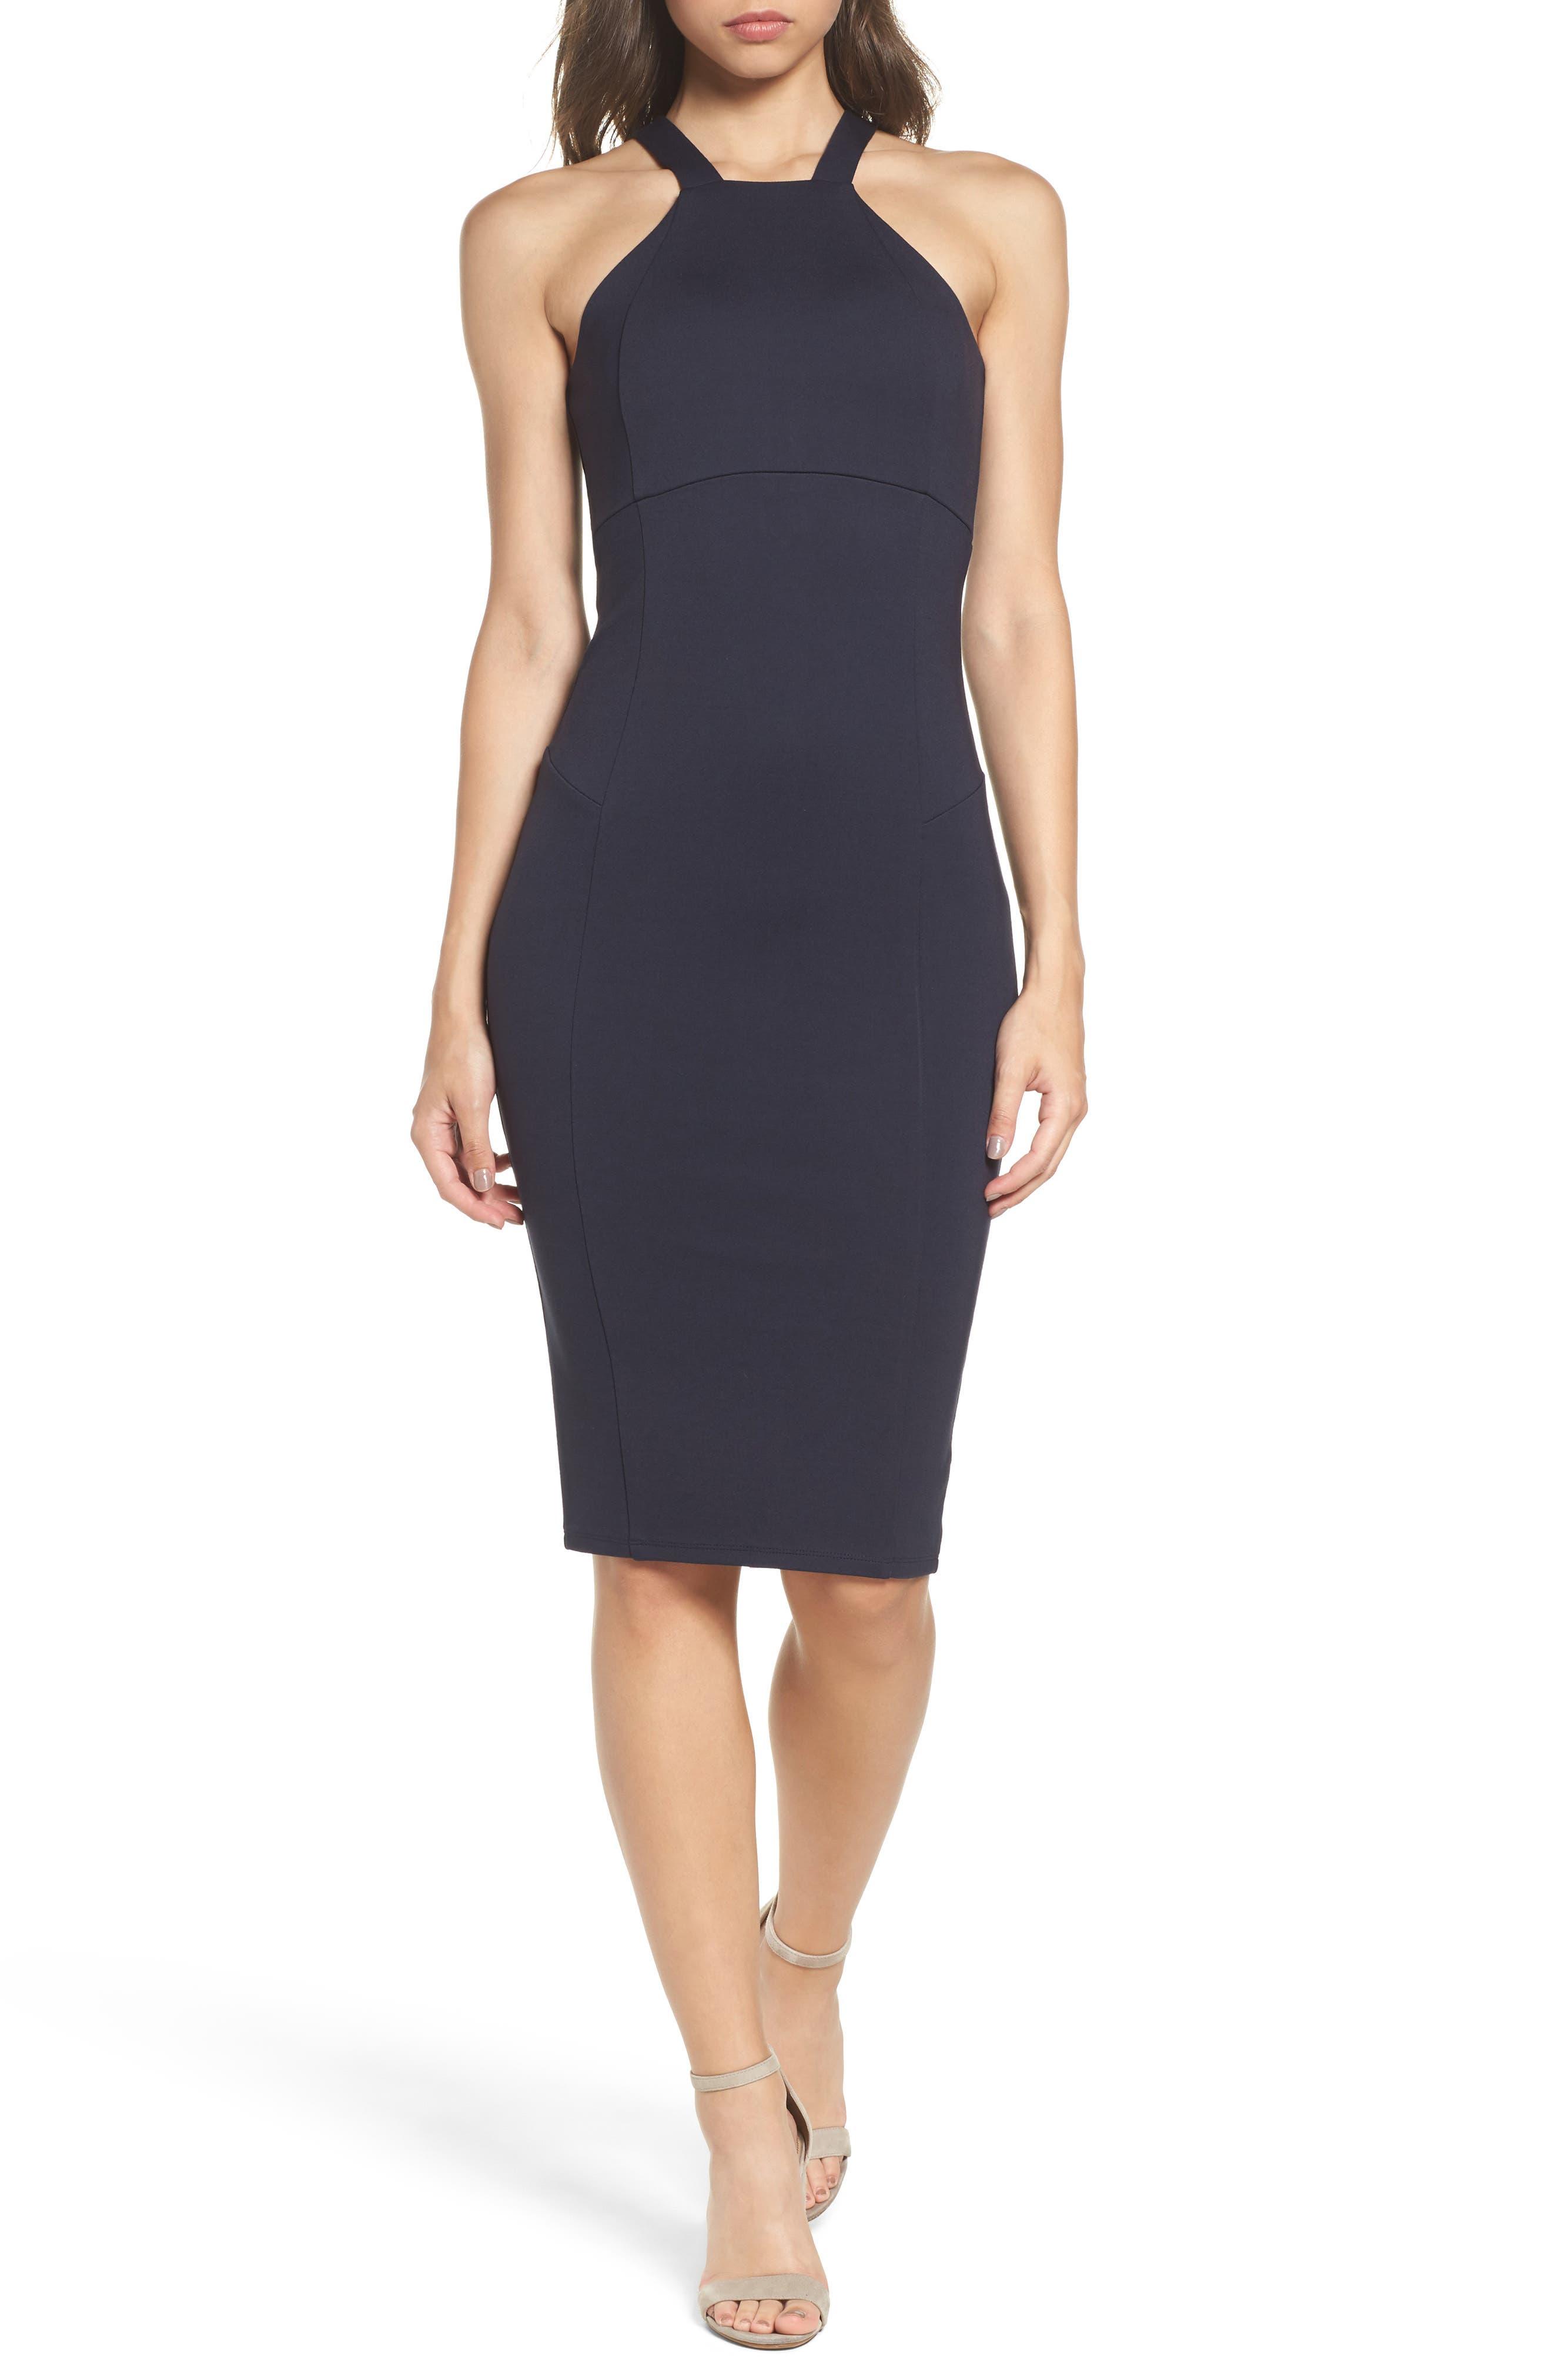 Felicity & Coco Betina Halter Body-Con Dress (Nordstrom Exclusive)